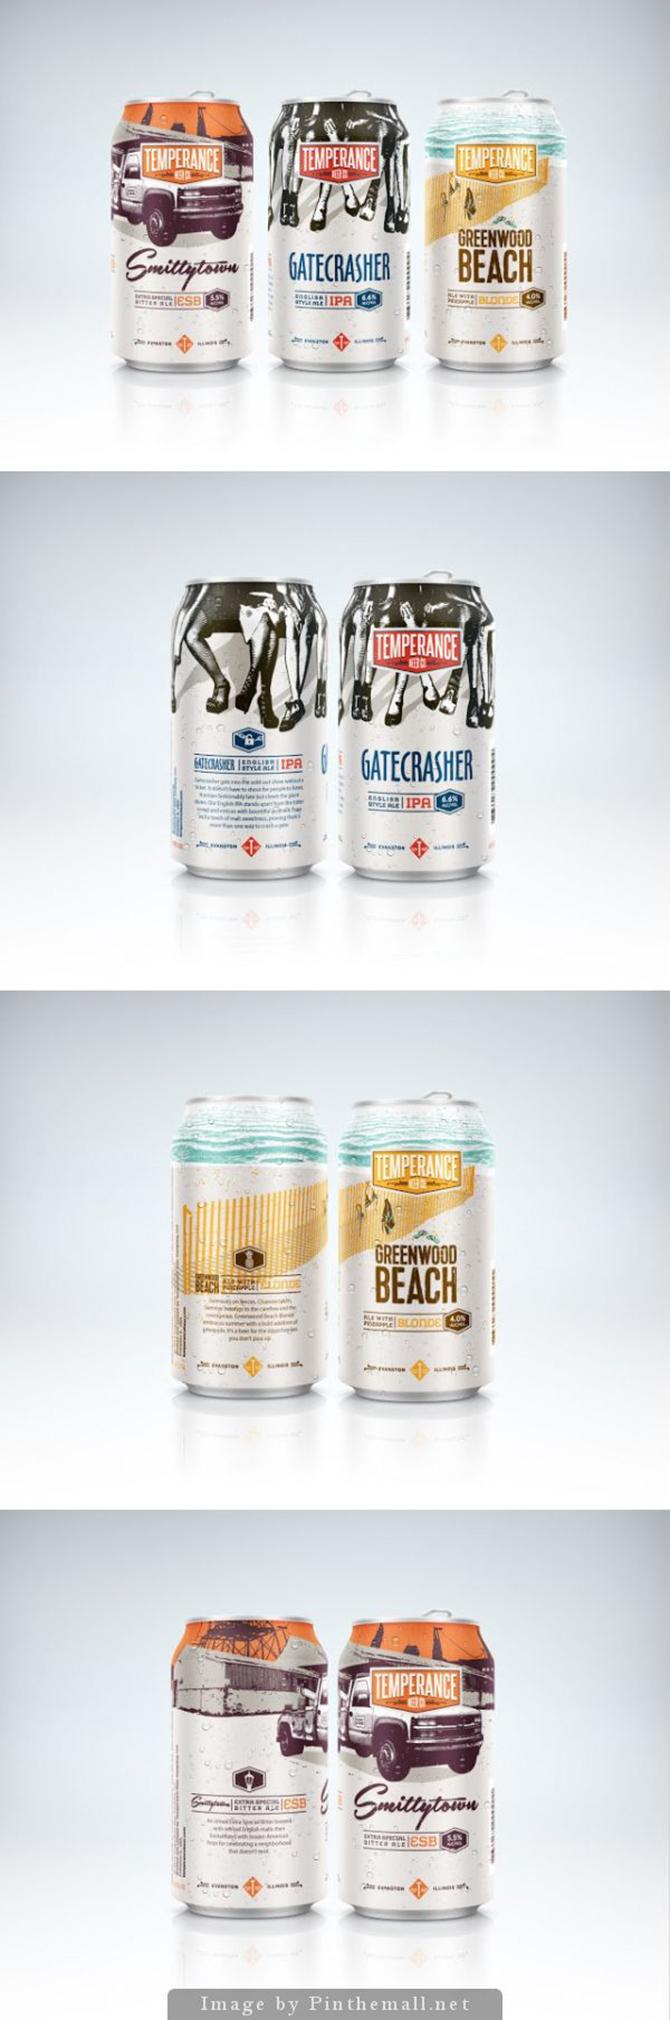 temperance-beer-packaging